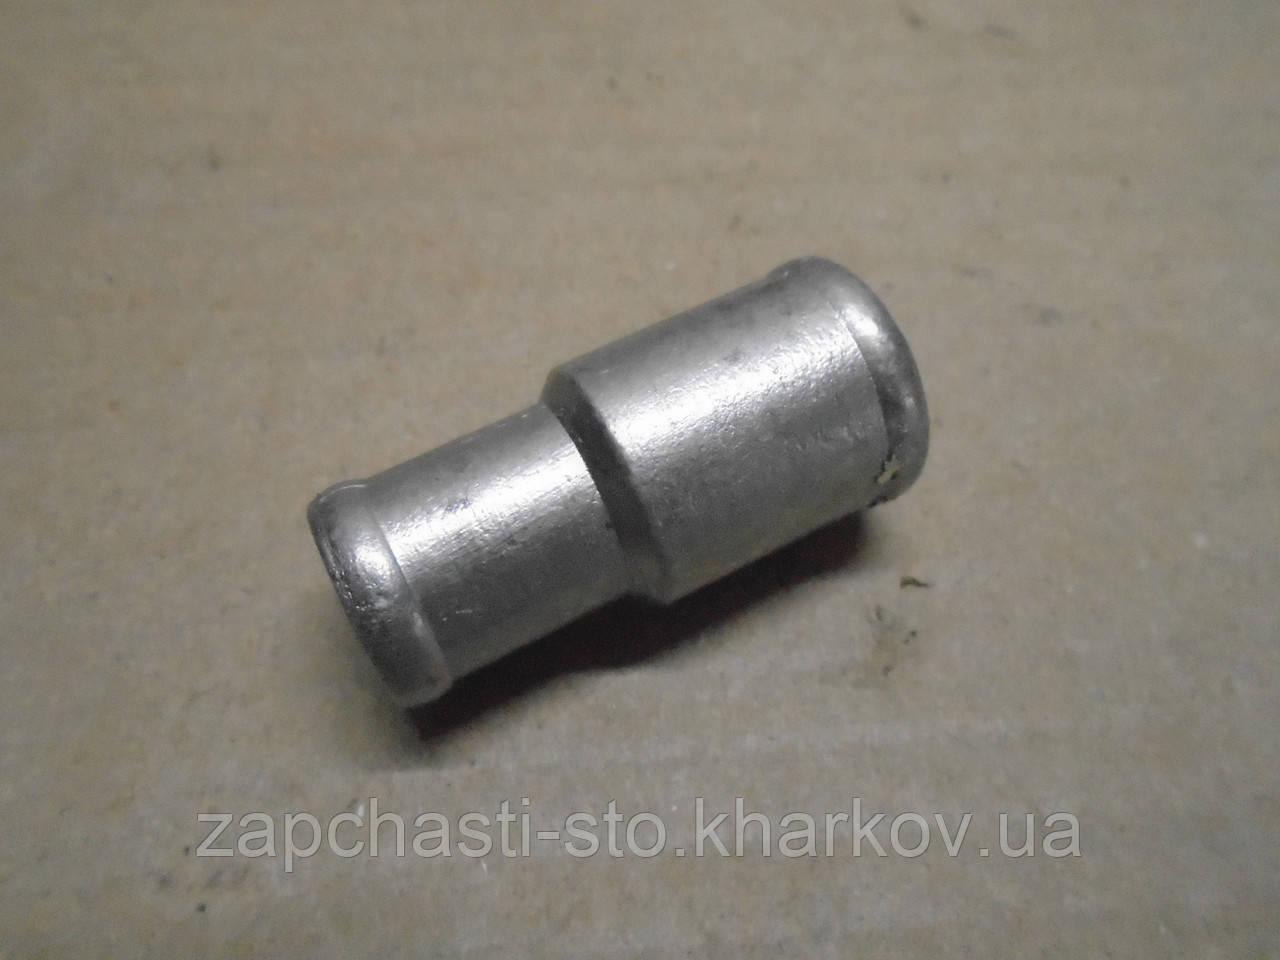 Штуцер, переходник металлический на шланг 16-18 (18-16) 1шт